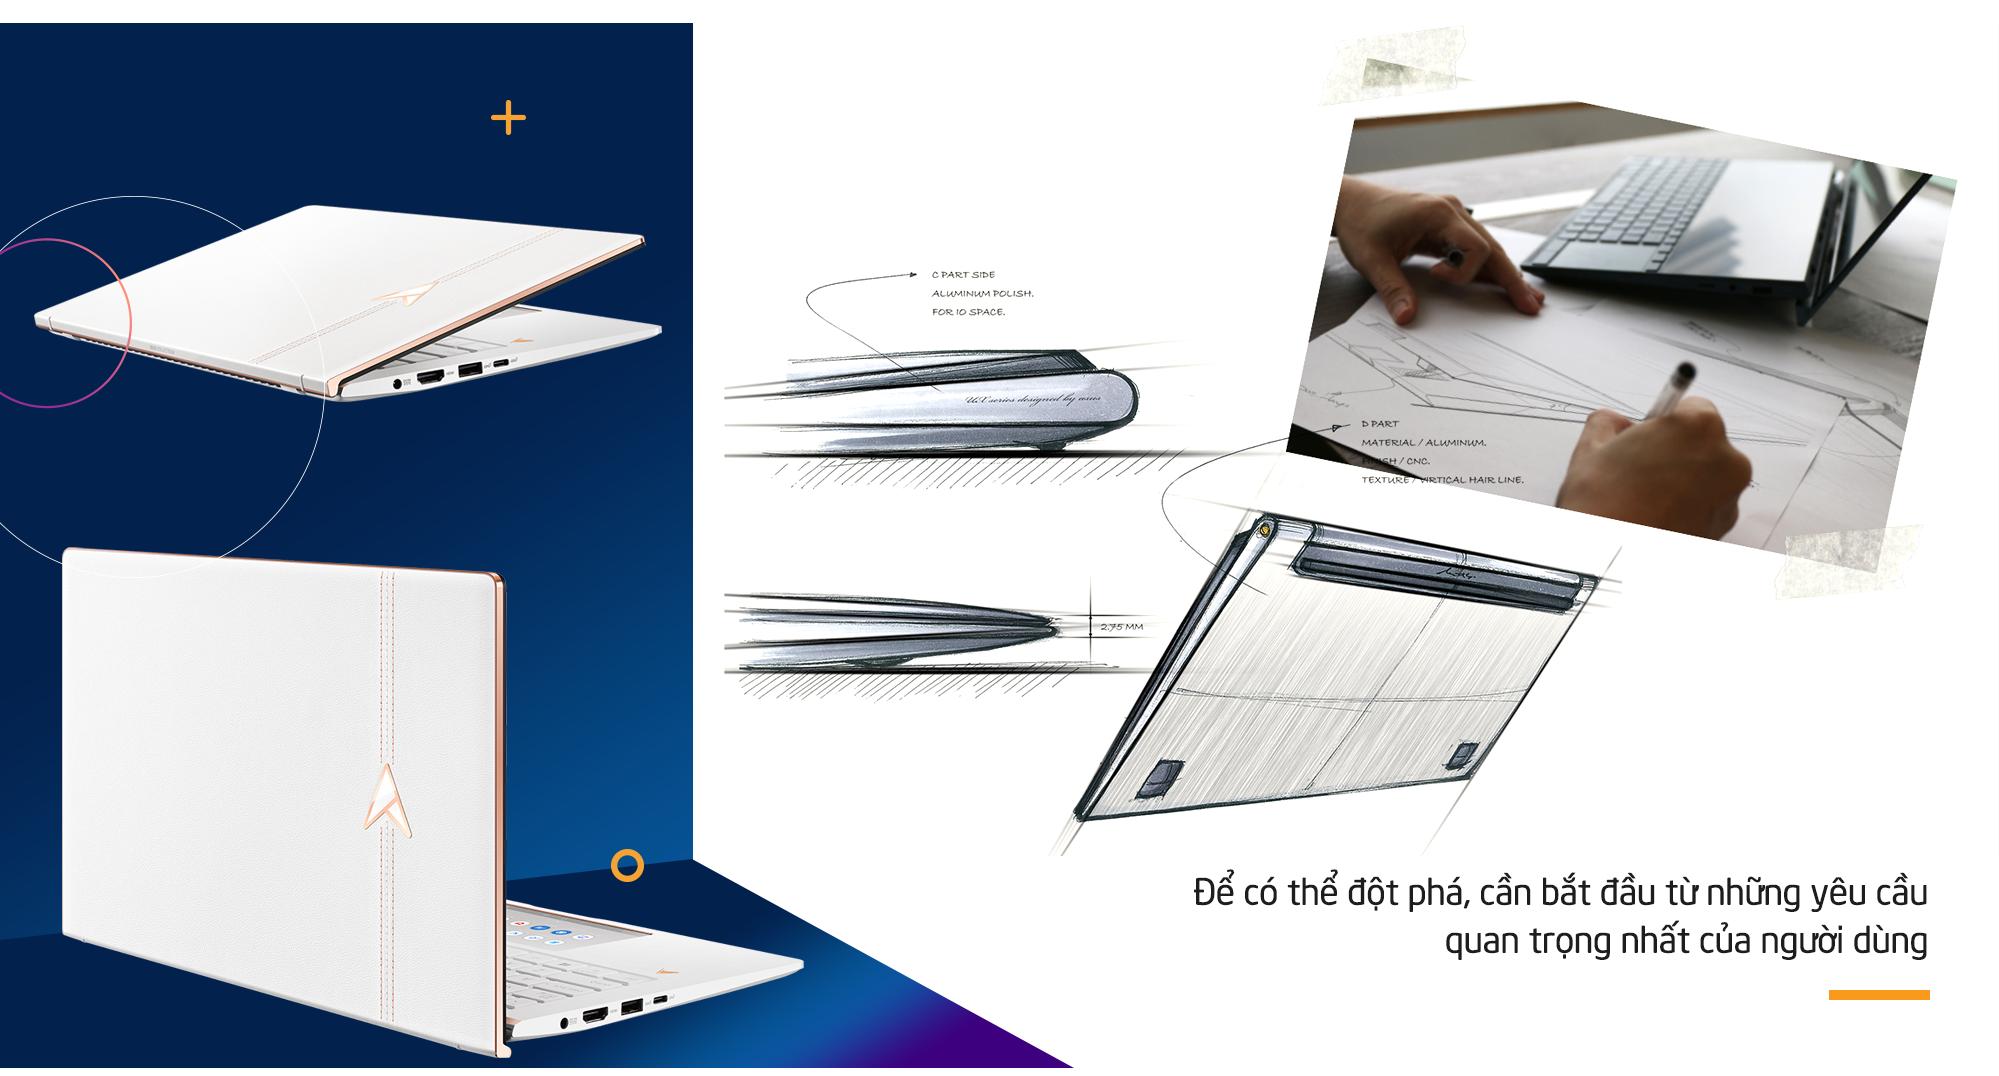 Asus Zenbook hành trình một thập kỷ chạm chuẩn bậc thầy trong công nghệ - Ảnh 9.